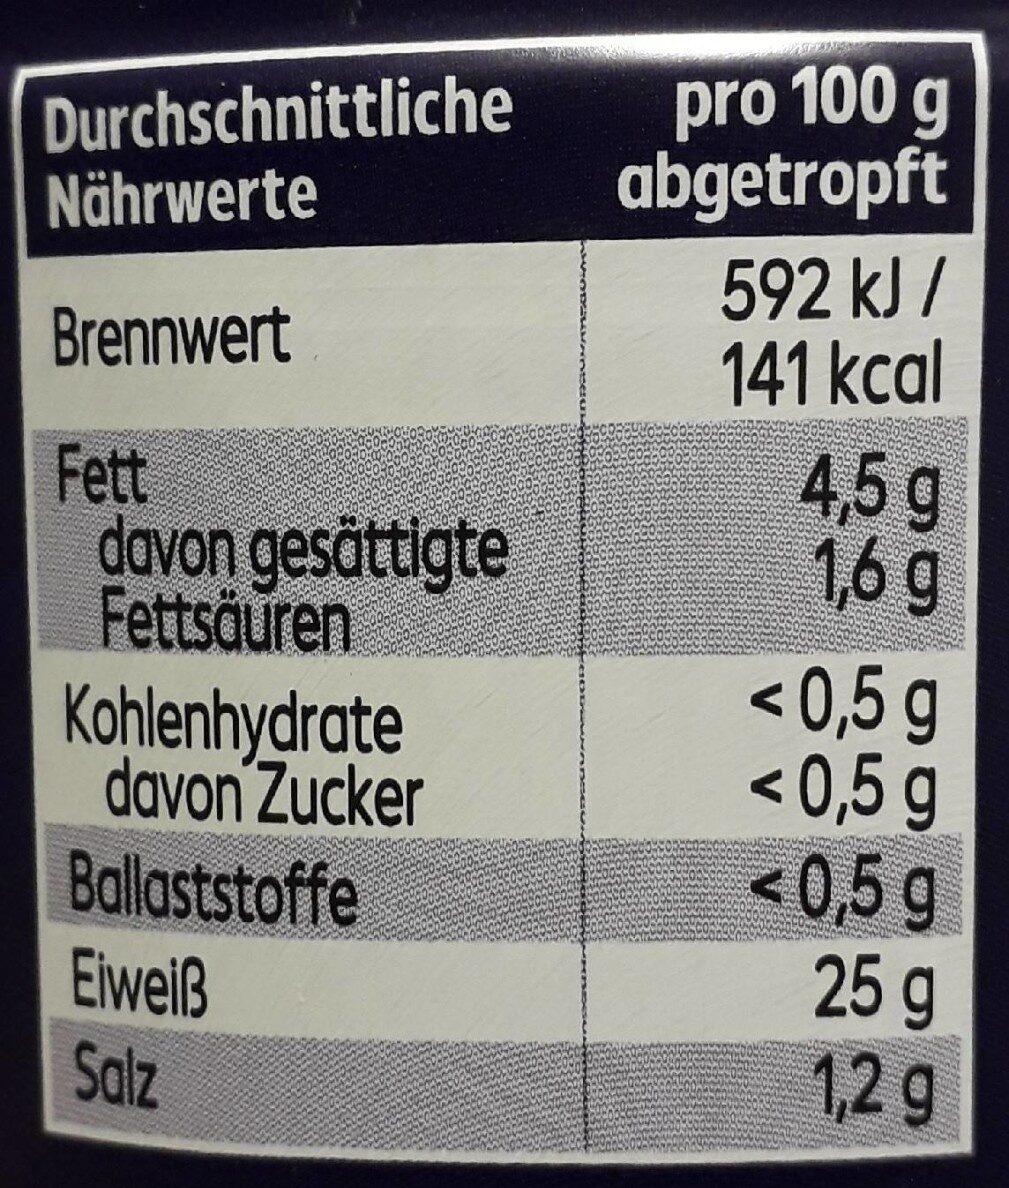 Weisser Thunfisch - Nährwertangaben - de